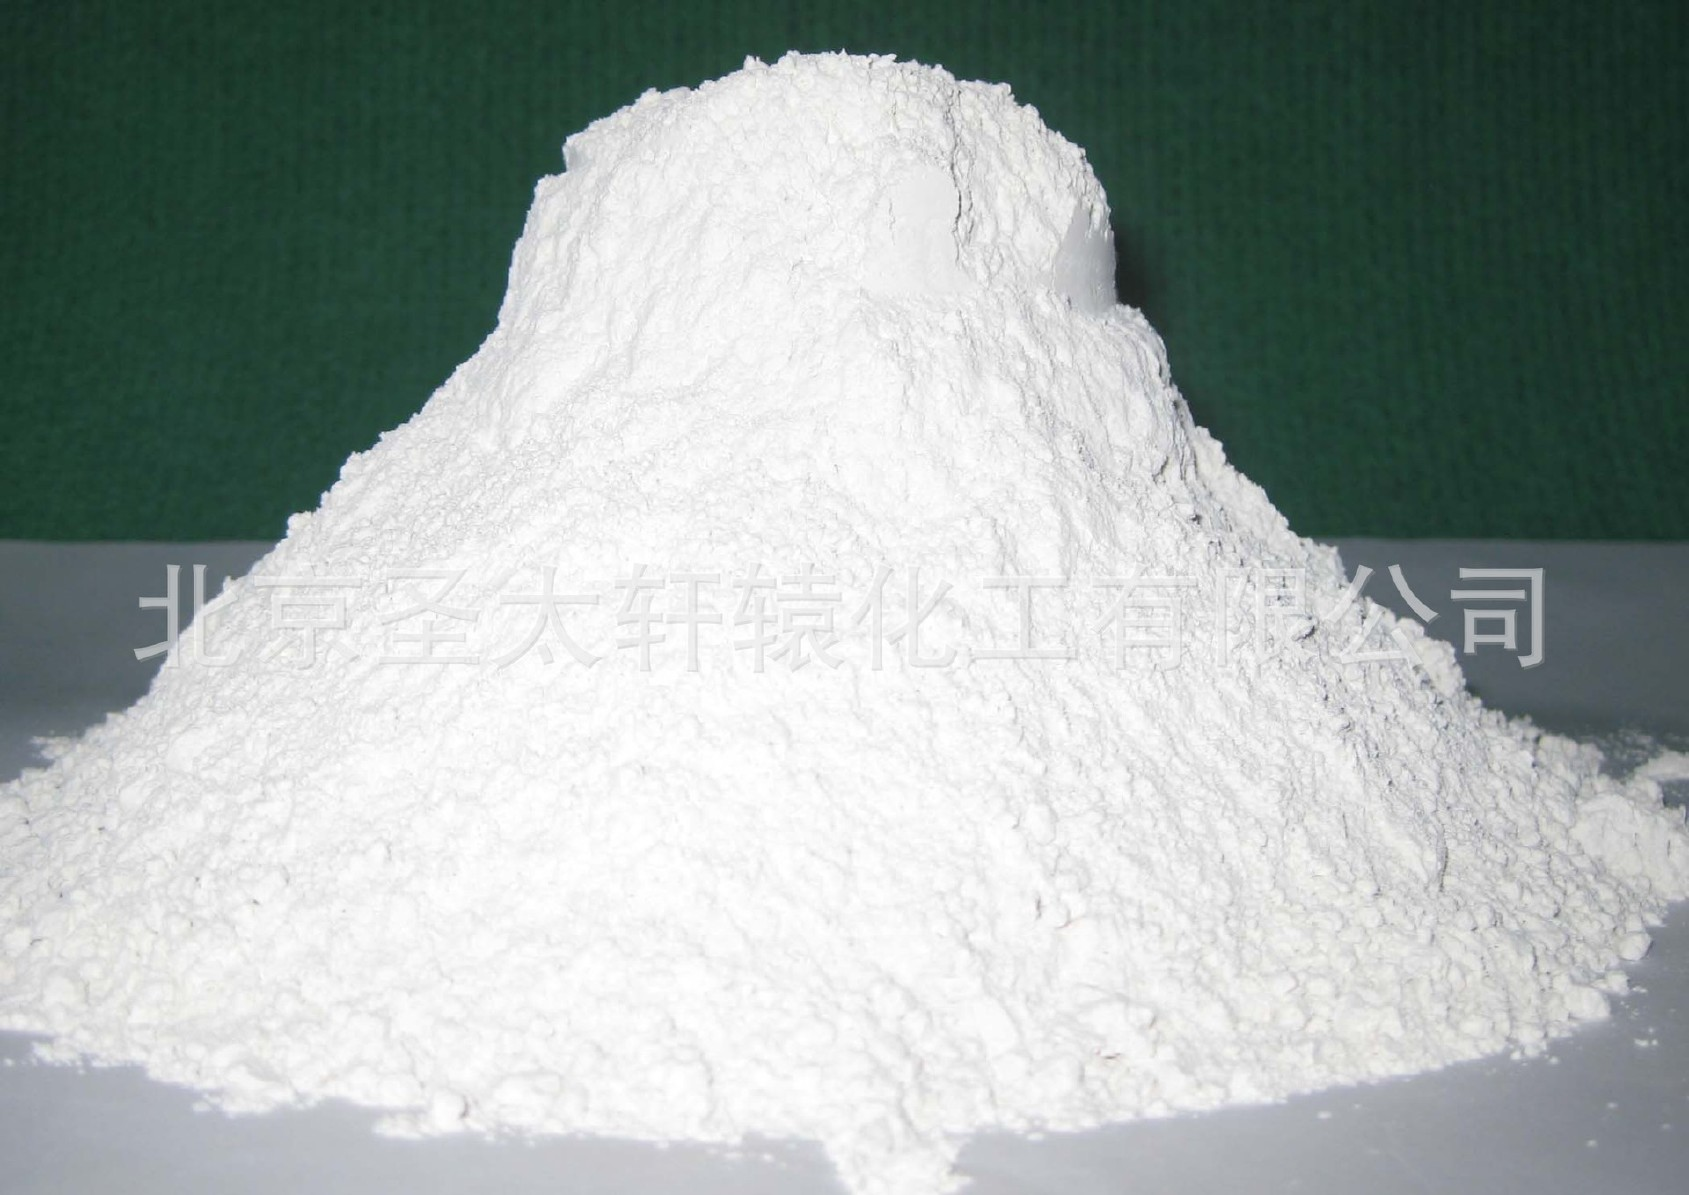 碳酸钠特价纯碱 海化食品级纯碱 高品质优质纯碱碳酸钠 纯碱价格示例图35